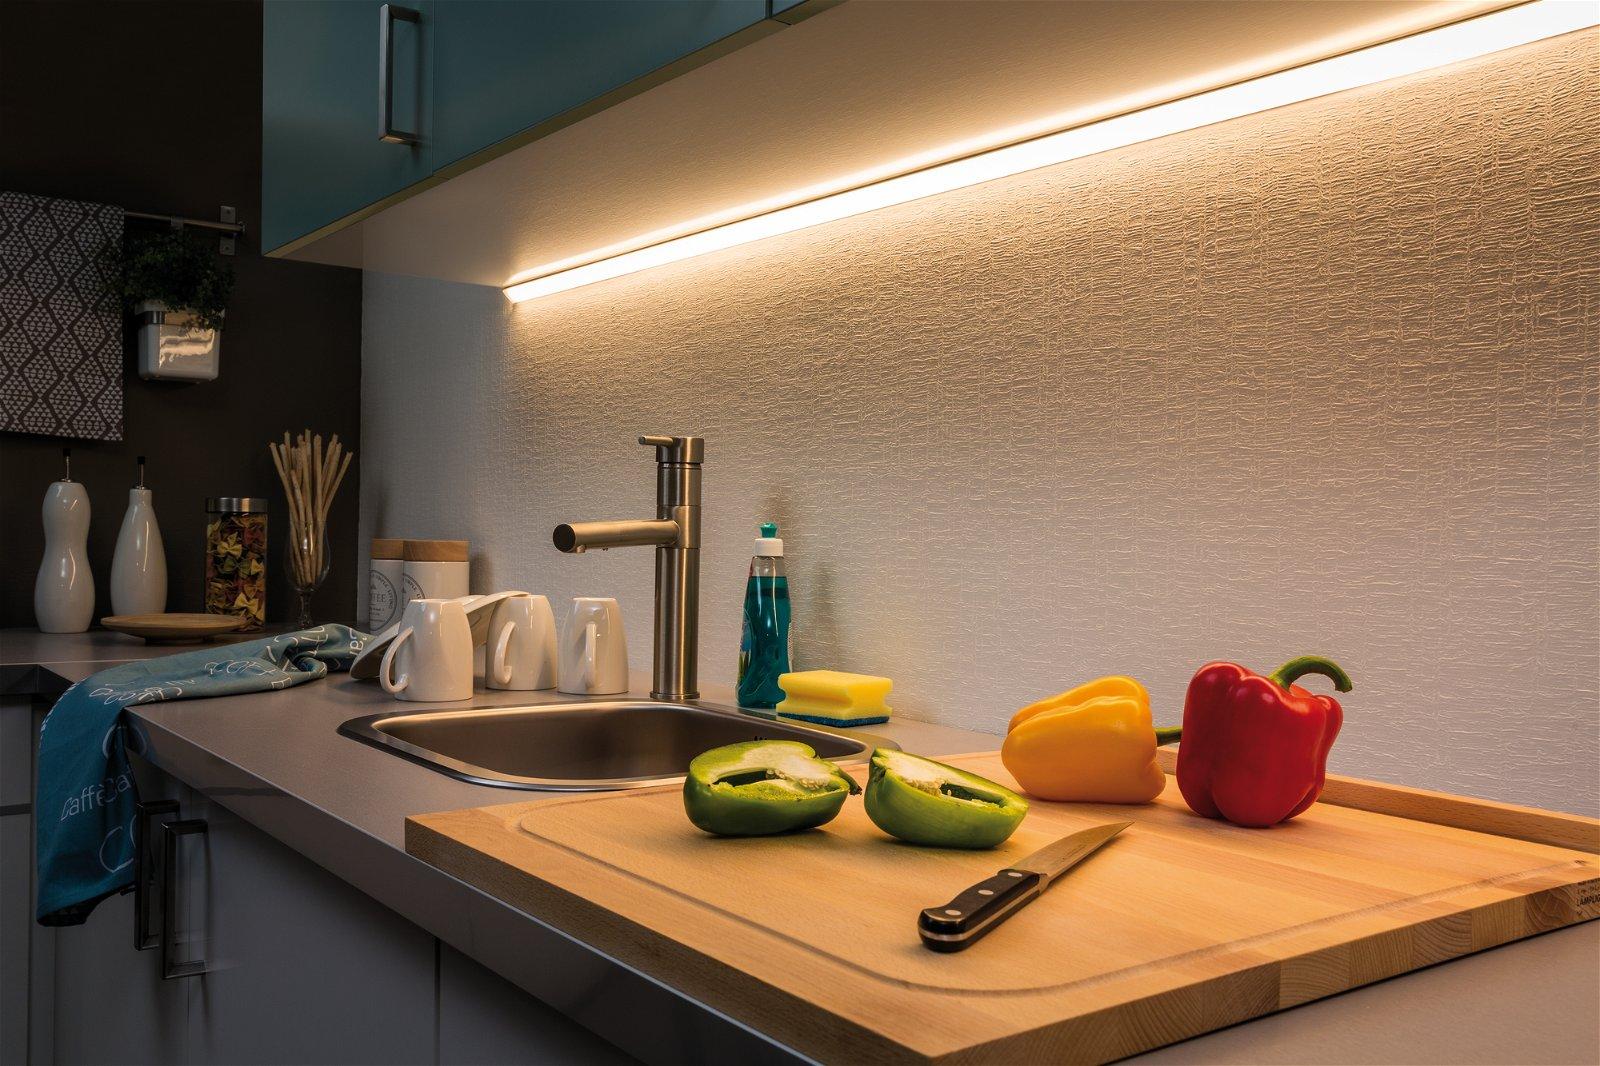 MaxLED 500 LED Strip Warmweiß 3m 20W 550lm/m 2700K 36VA